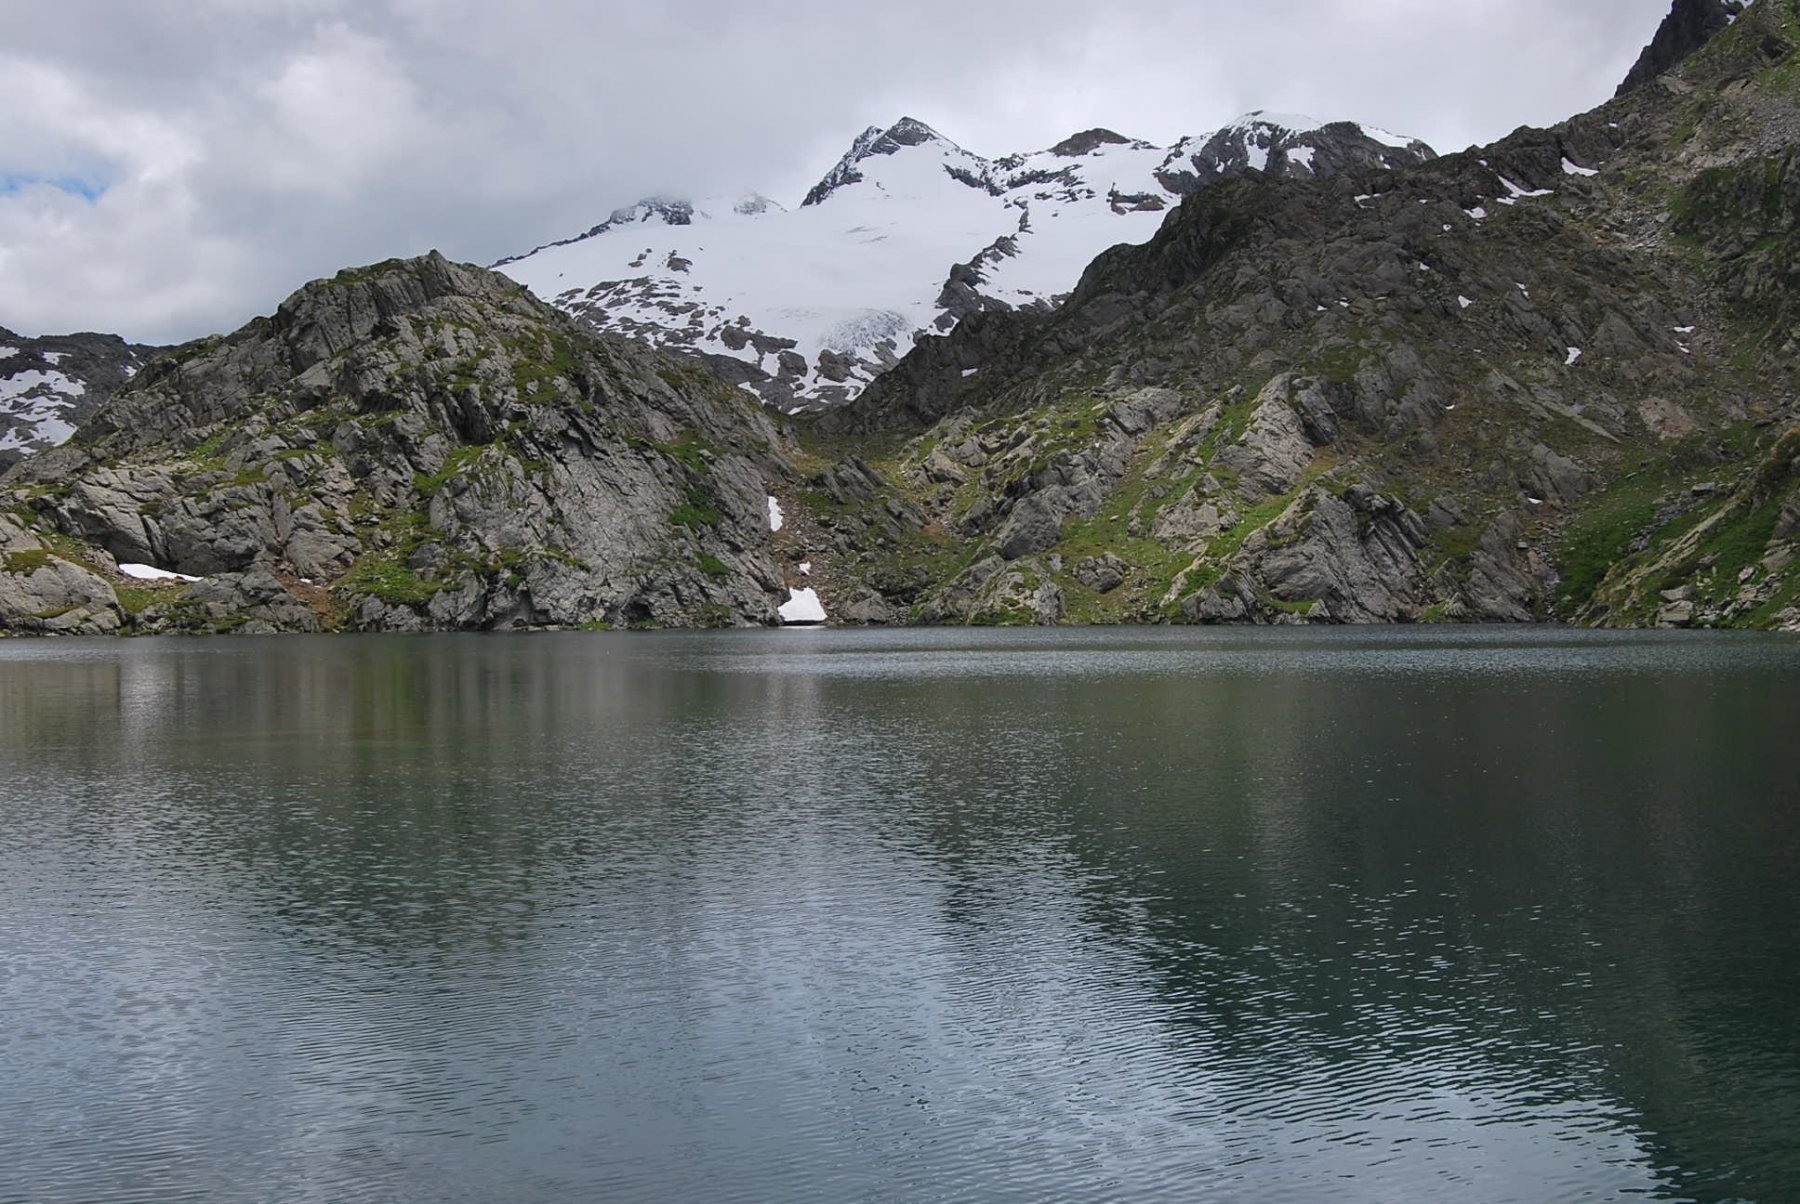 Scorcio da cartolina: Lac du Fond e Doravidi con nuvolosità in diradamento